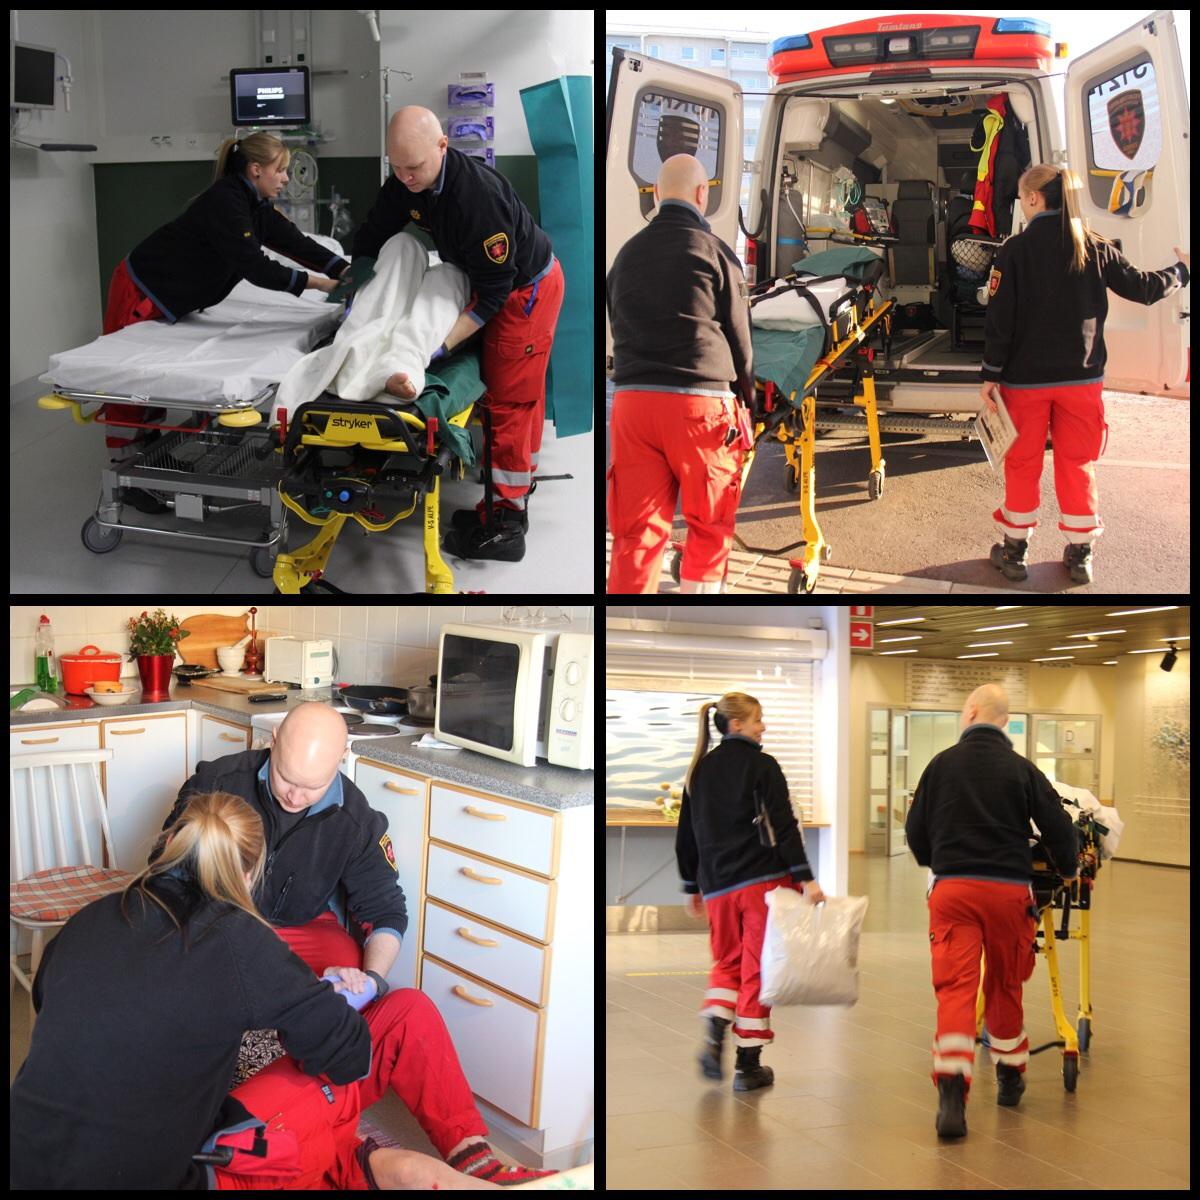 Suurin osa ensihoitajan työtehtävistä on kiireettömiä sairaalasiirtoja.